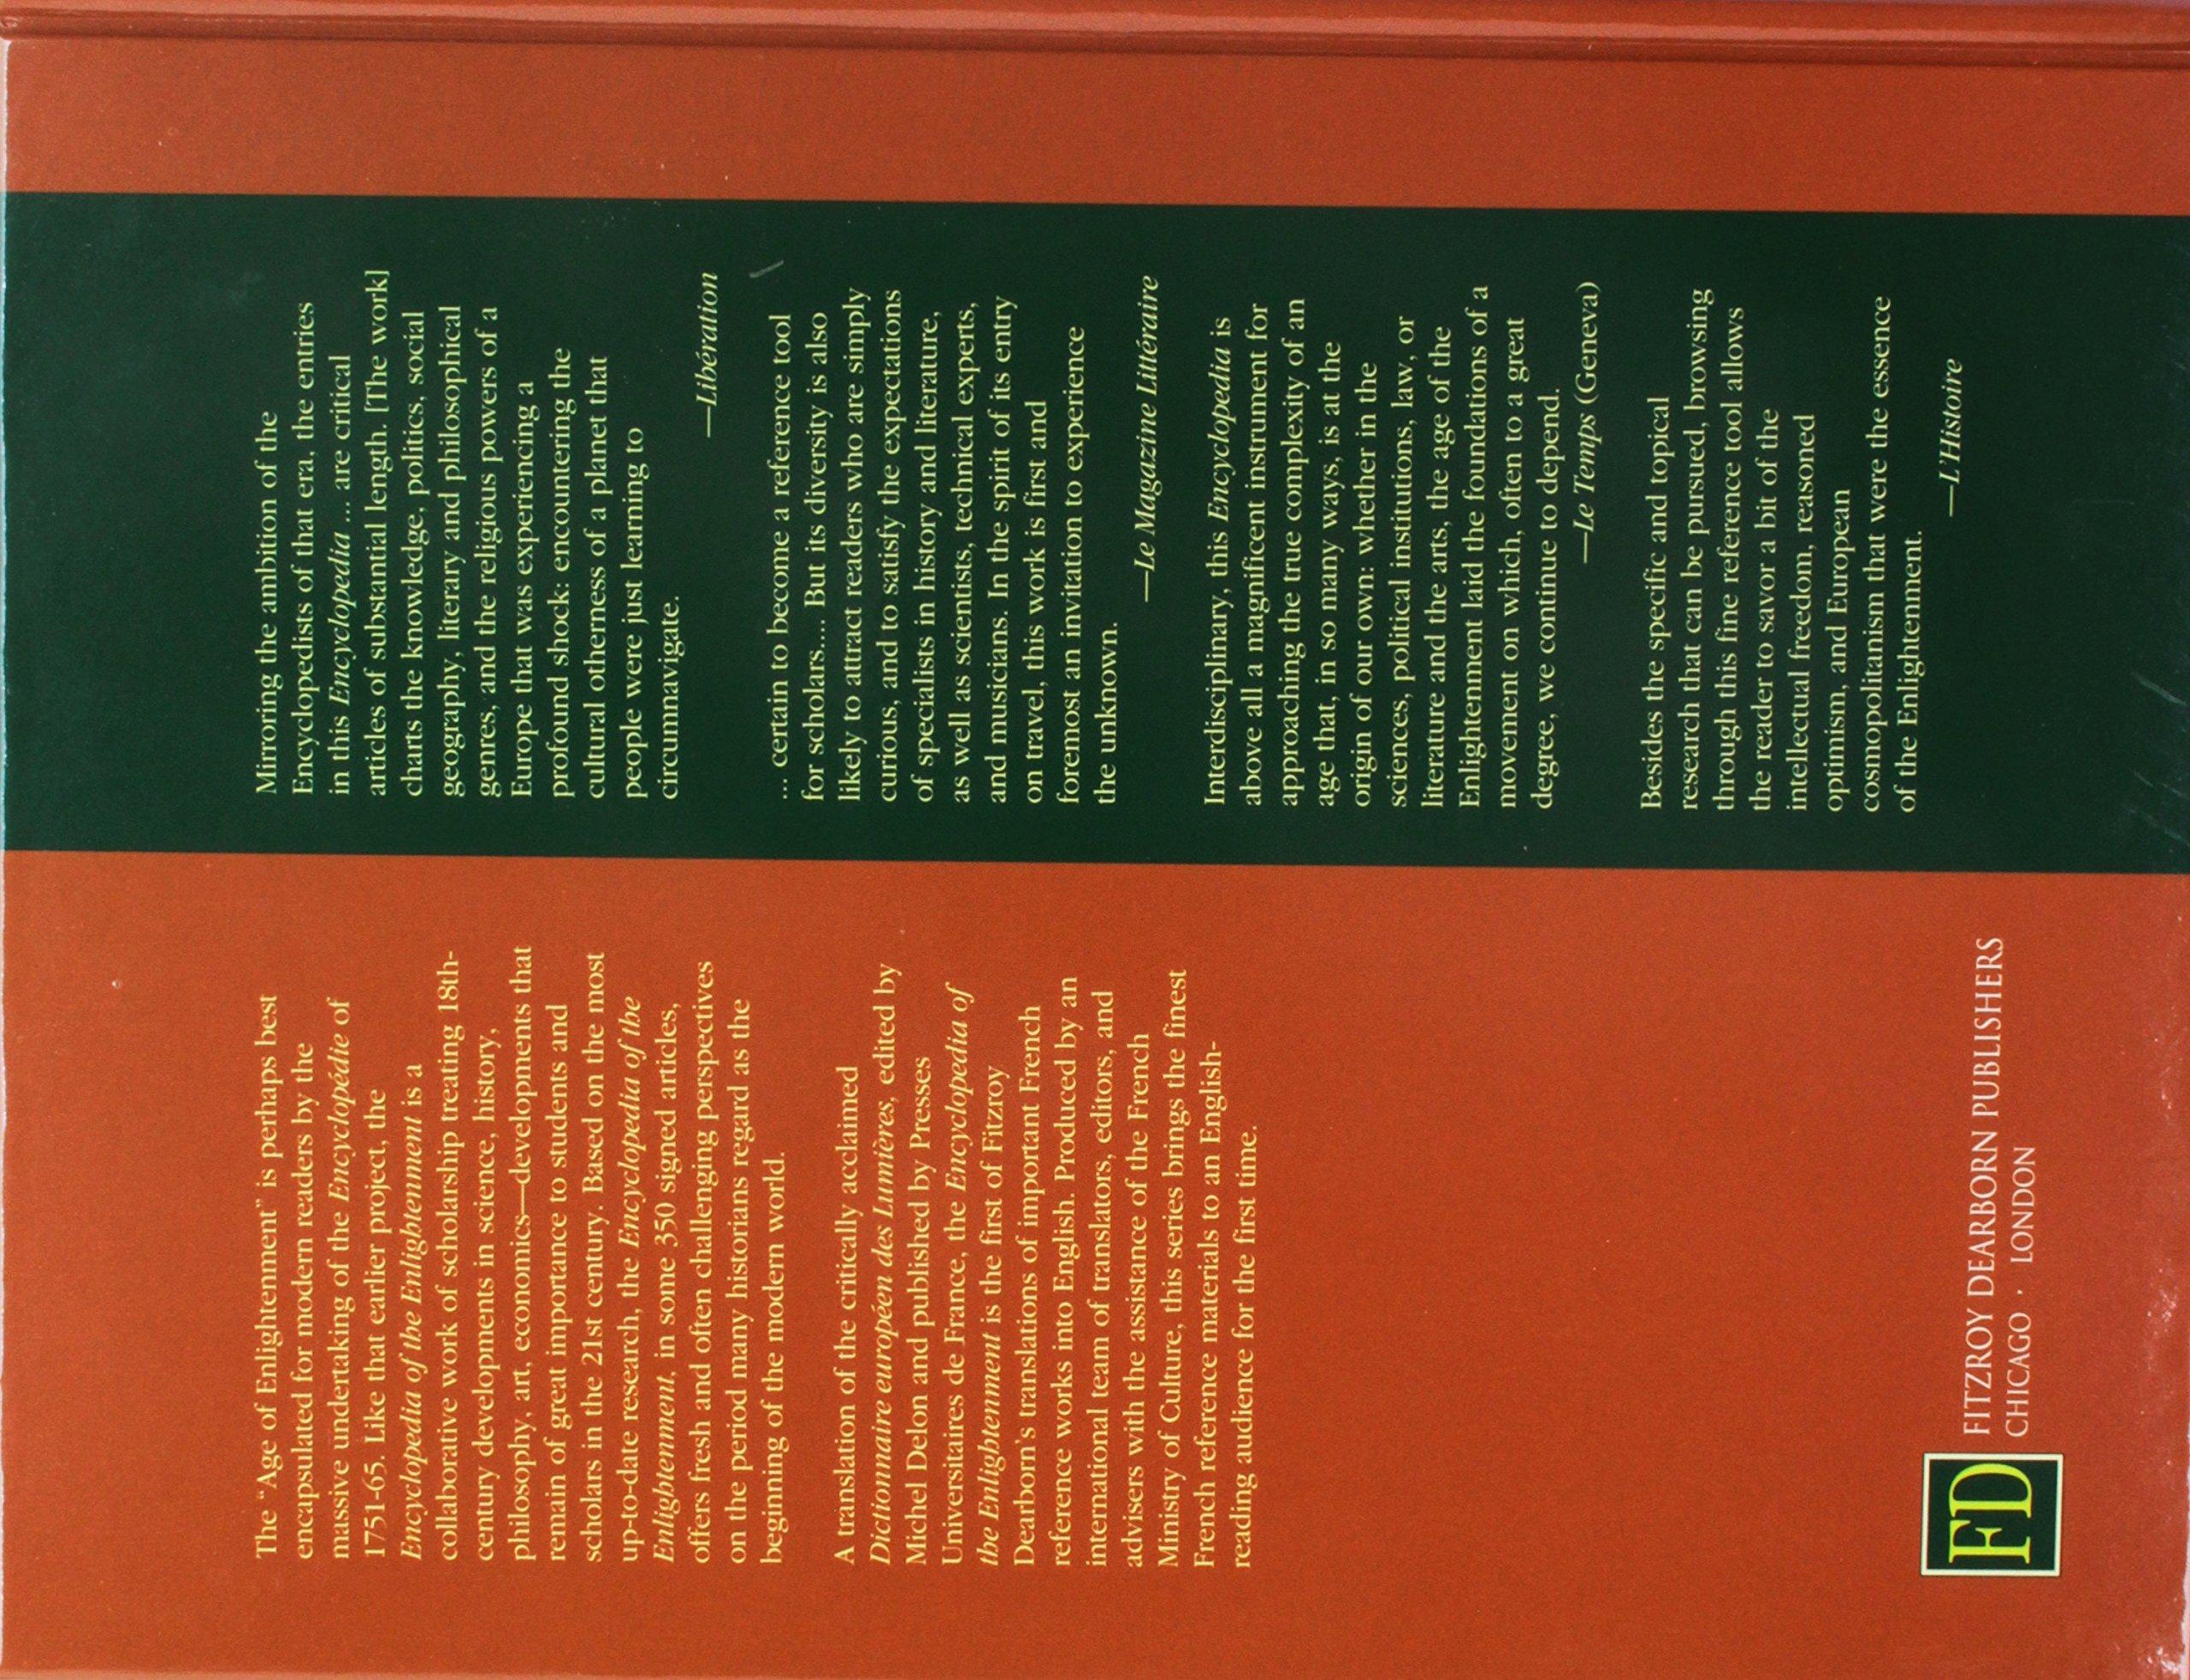 Encyclopedia of the Enlightenment: Amazon.es: Michel Delon: Libros ...